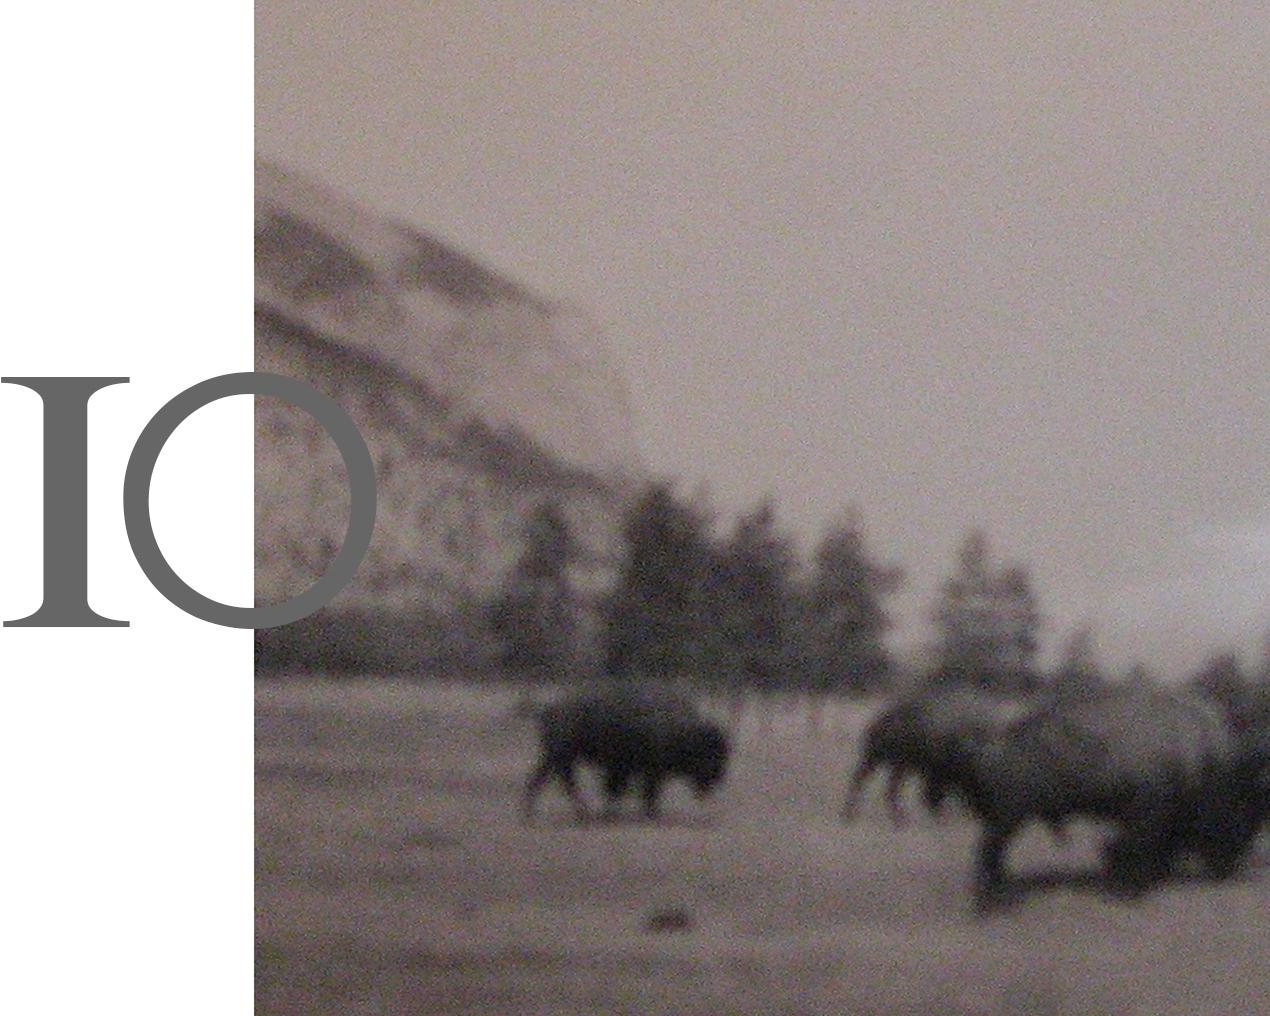 Image of buffalo